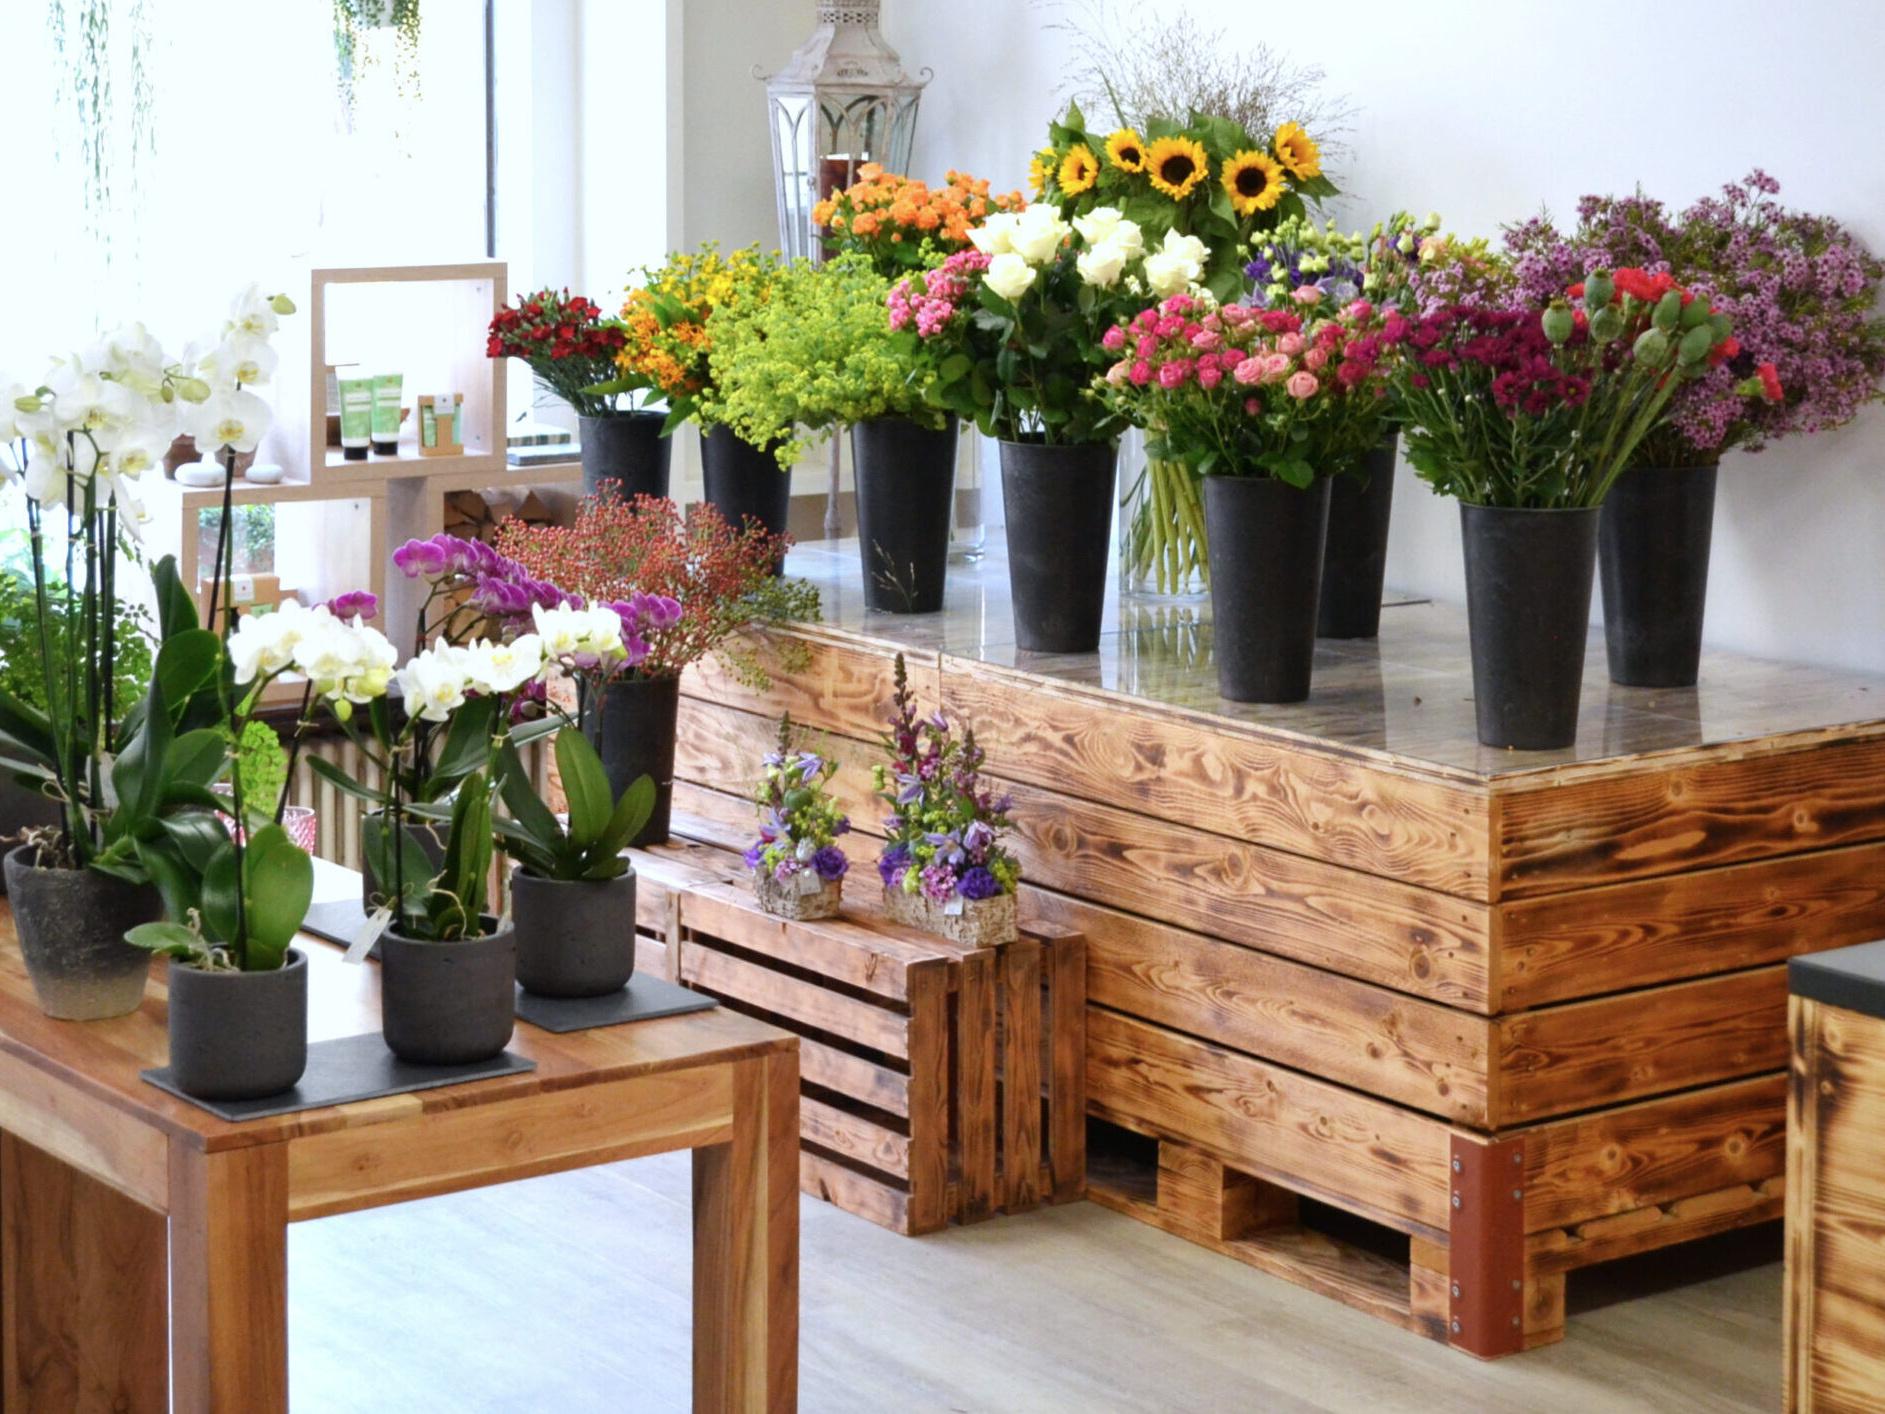 Floristik im Blumengeschäft BluemeGärtli in Magden Rheinfelden